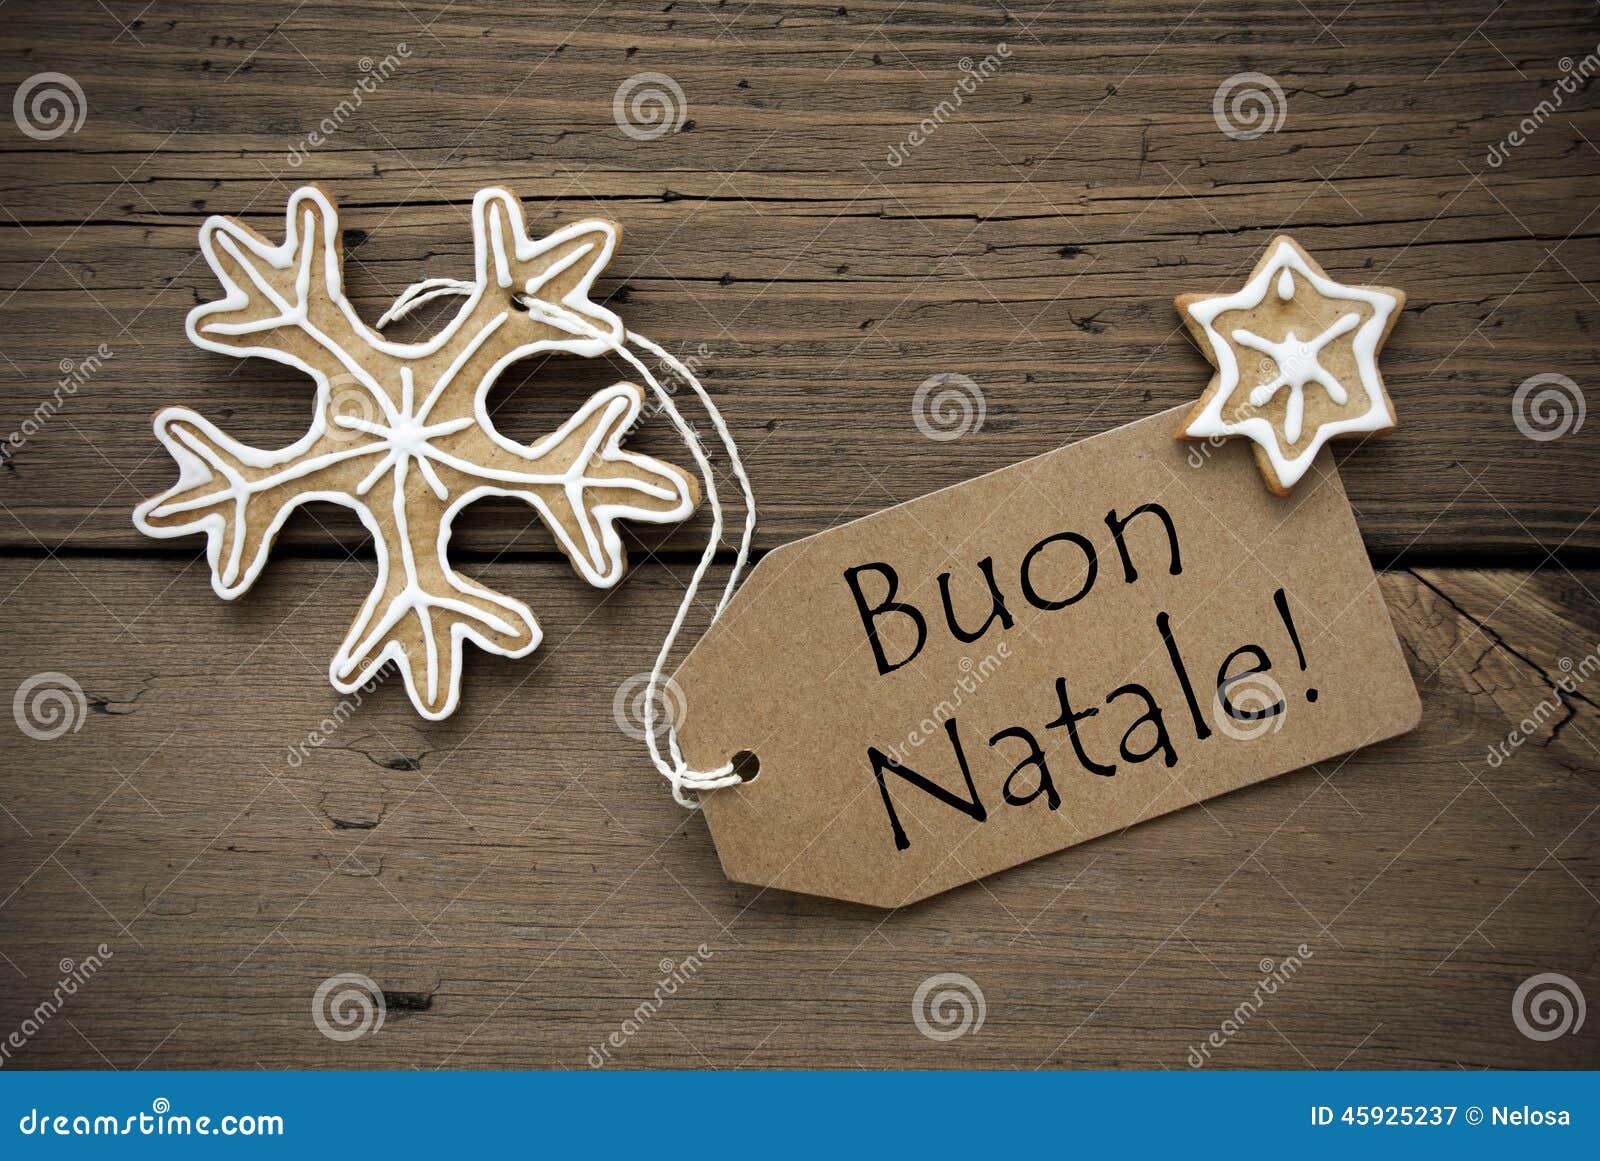 Weihnachtsgrube auf italienisch – Weihnachtsgeschenke 2018-2019